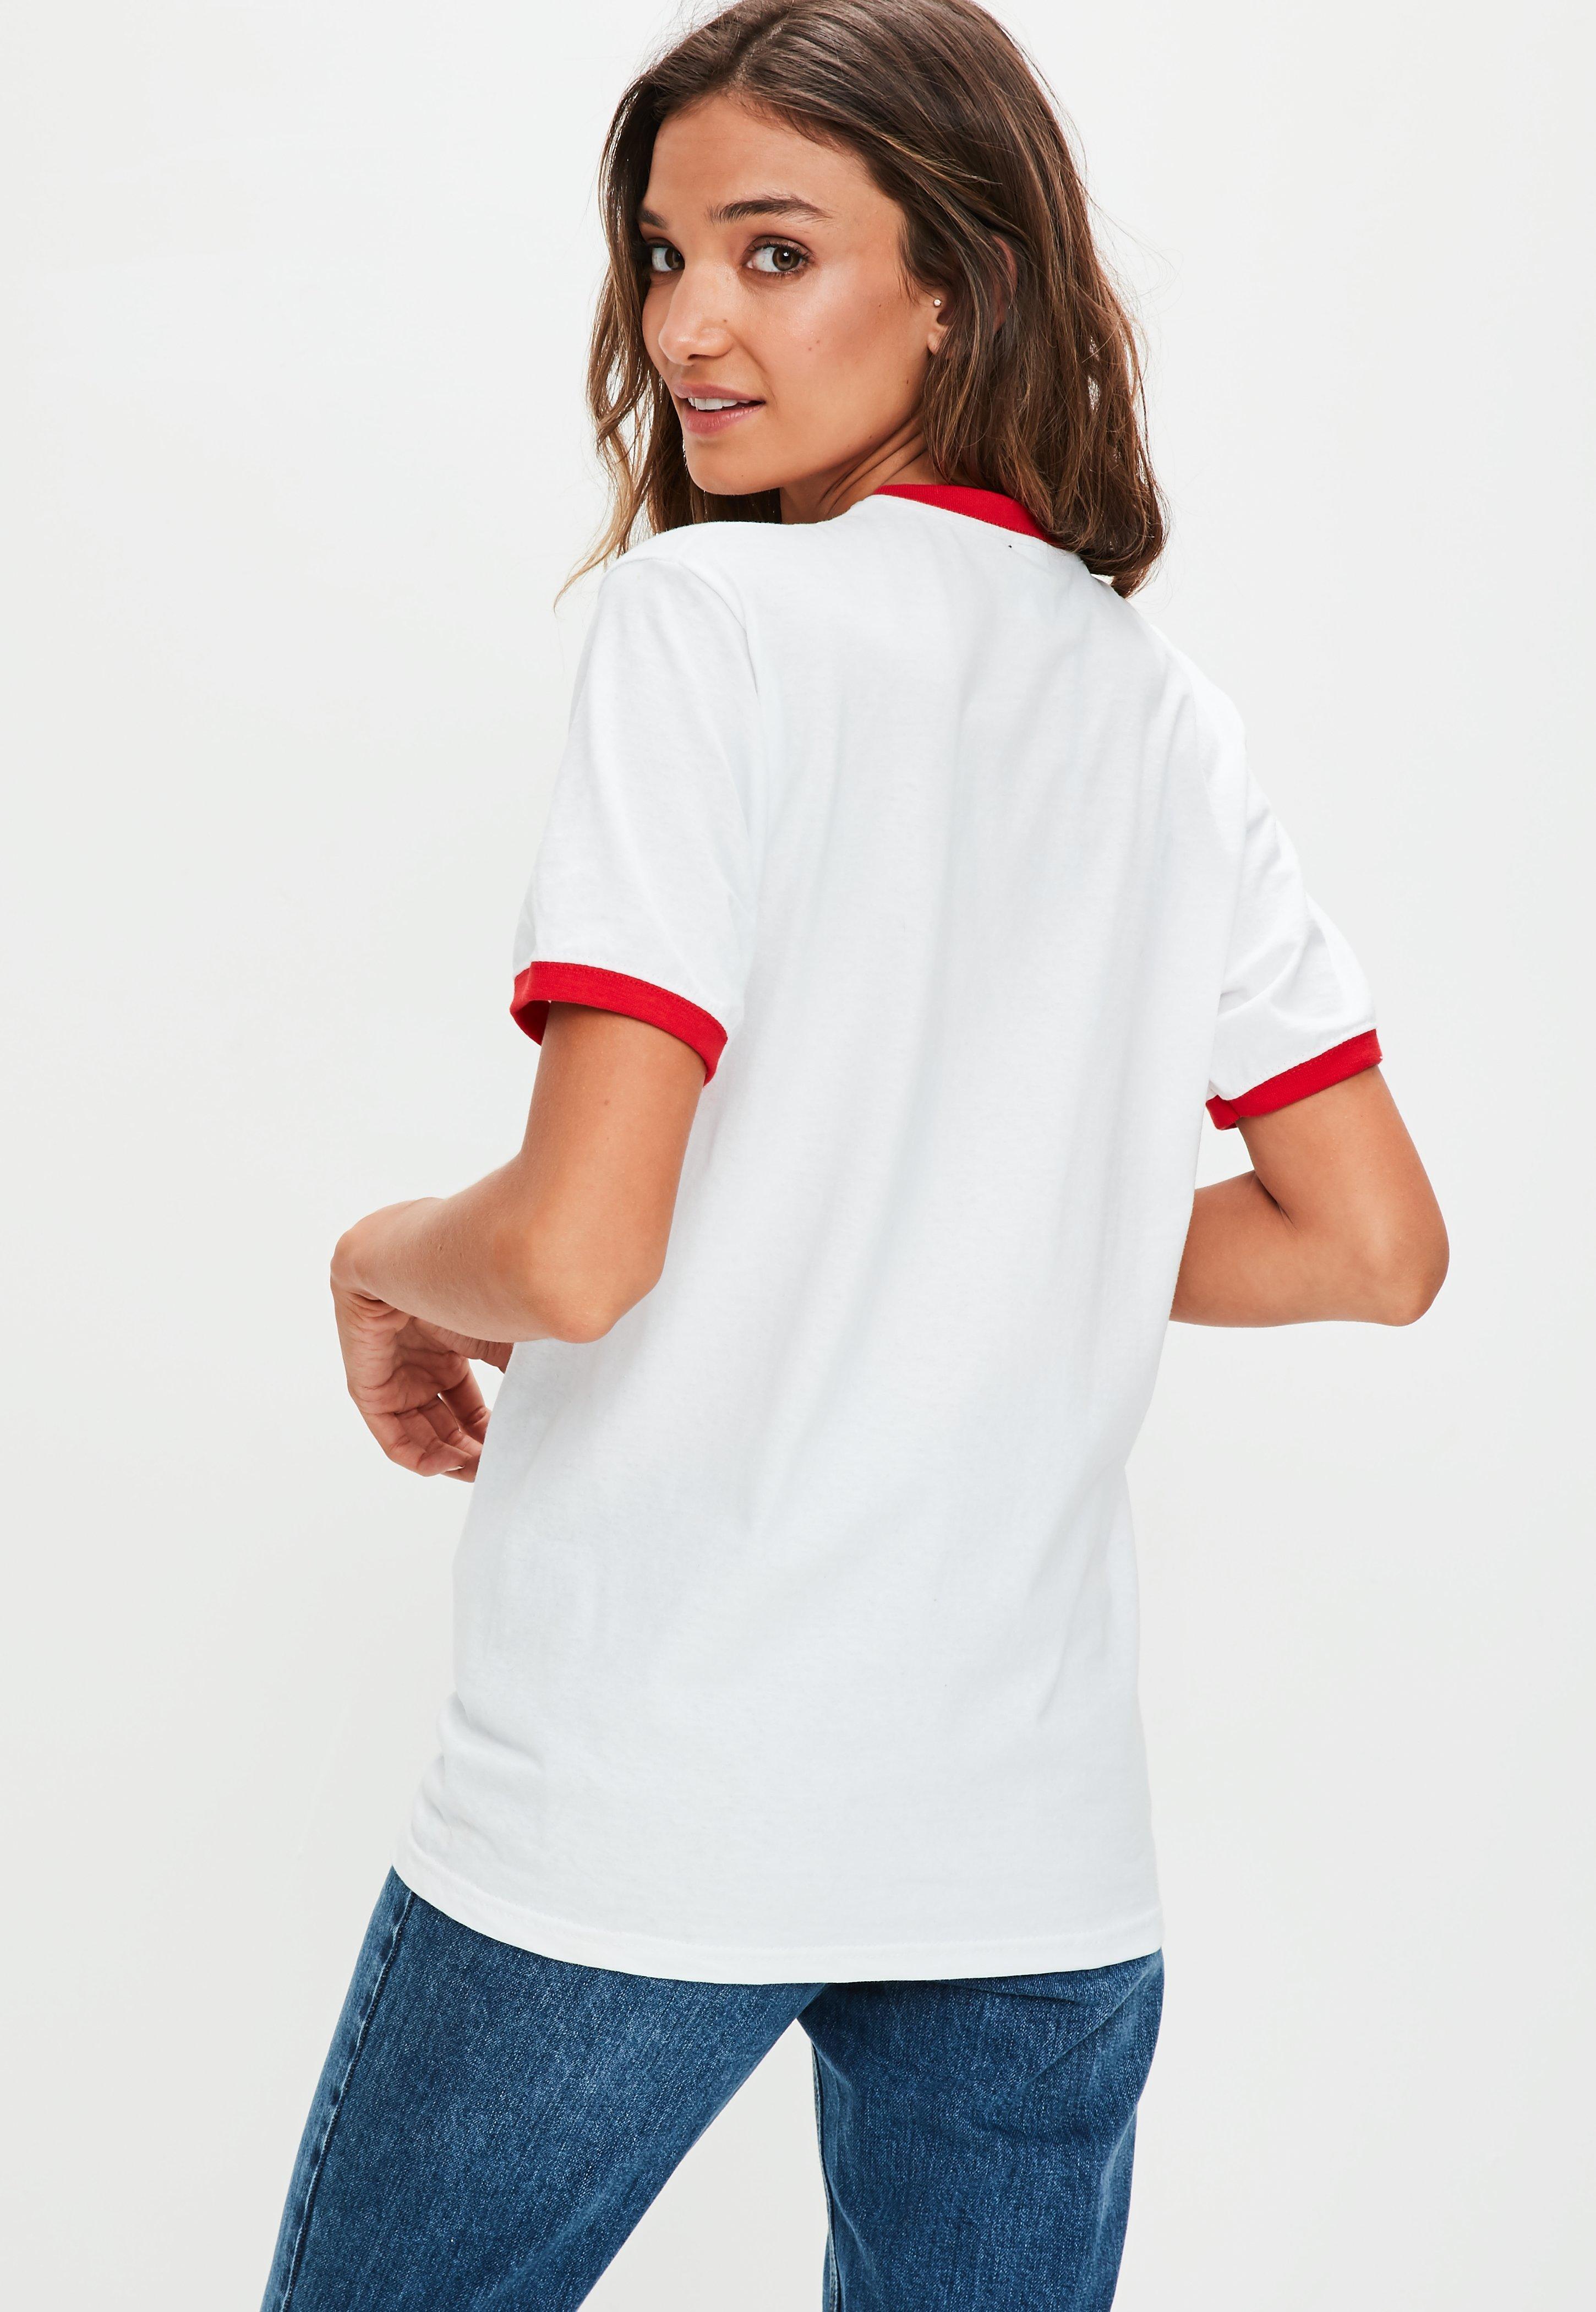 1a144b84e Missguided White Feelin' Peachy T-shirt in White - Lyst